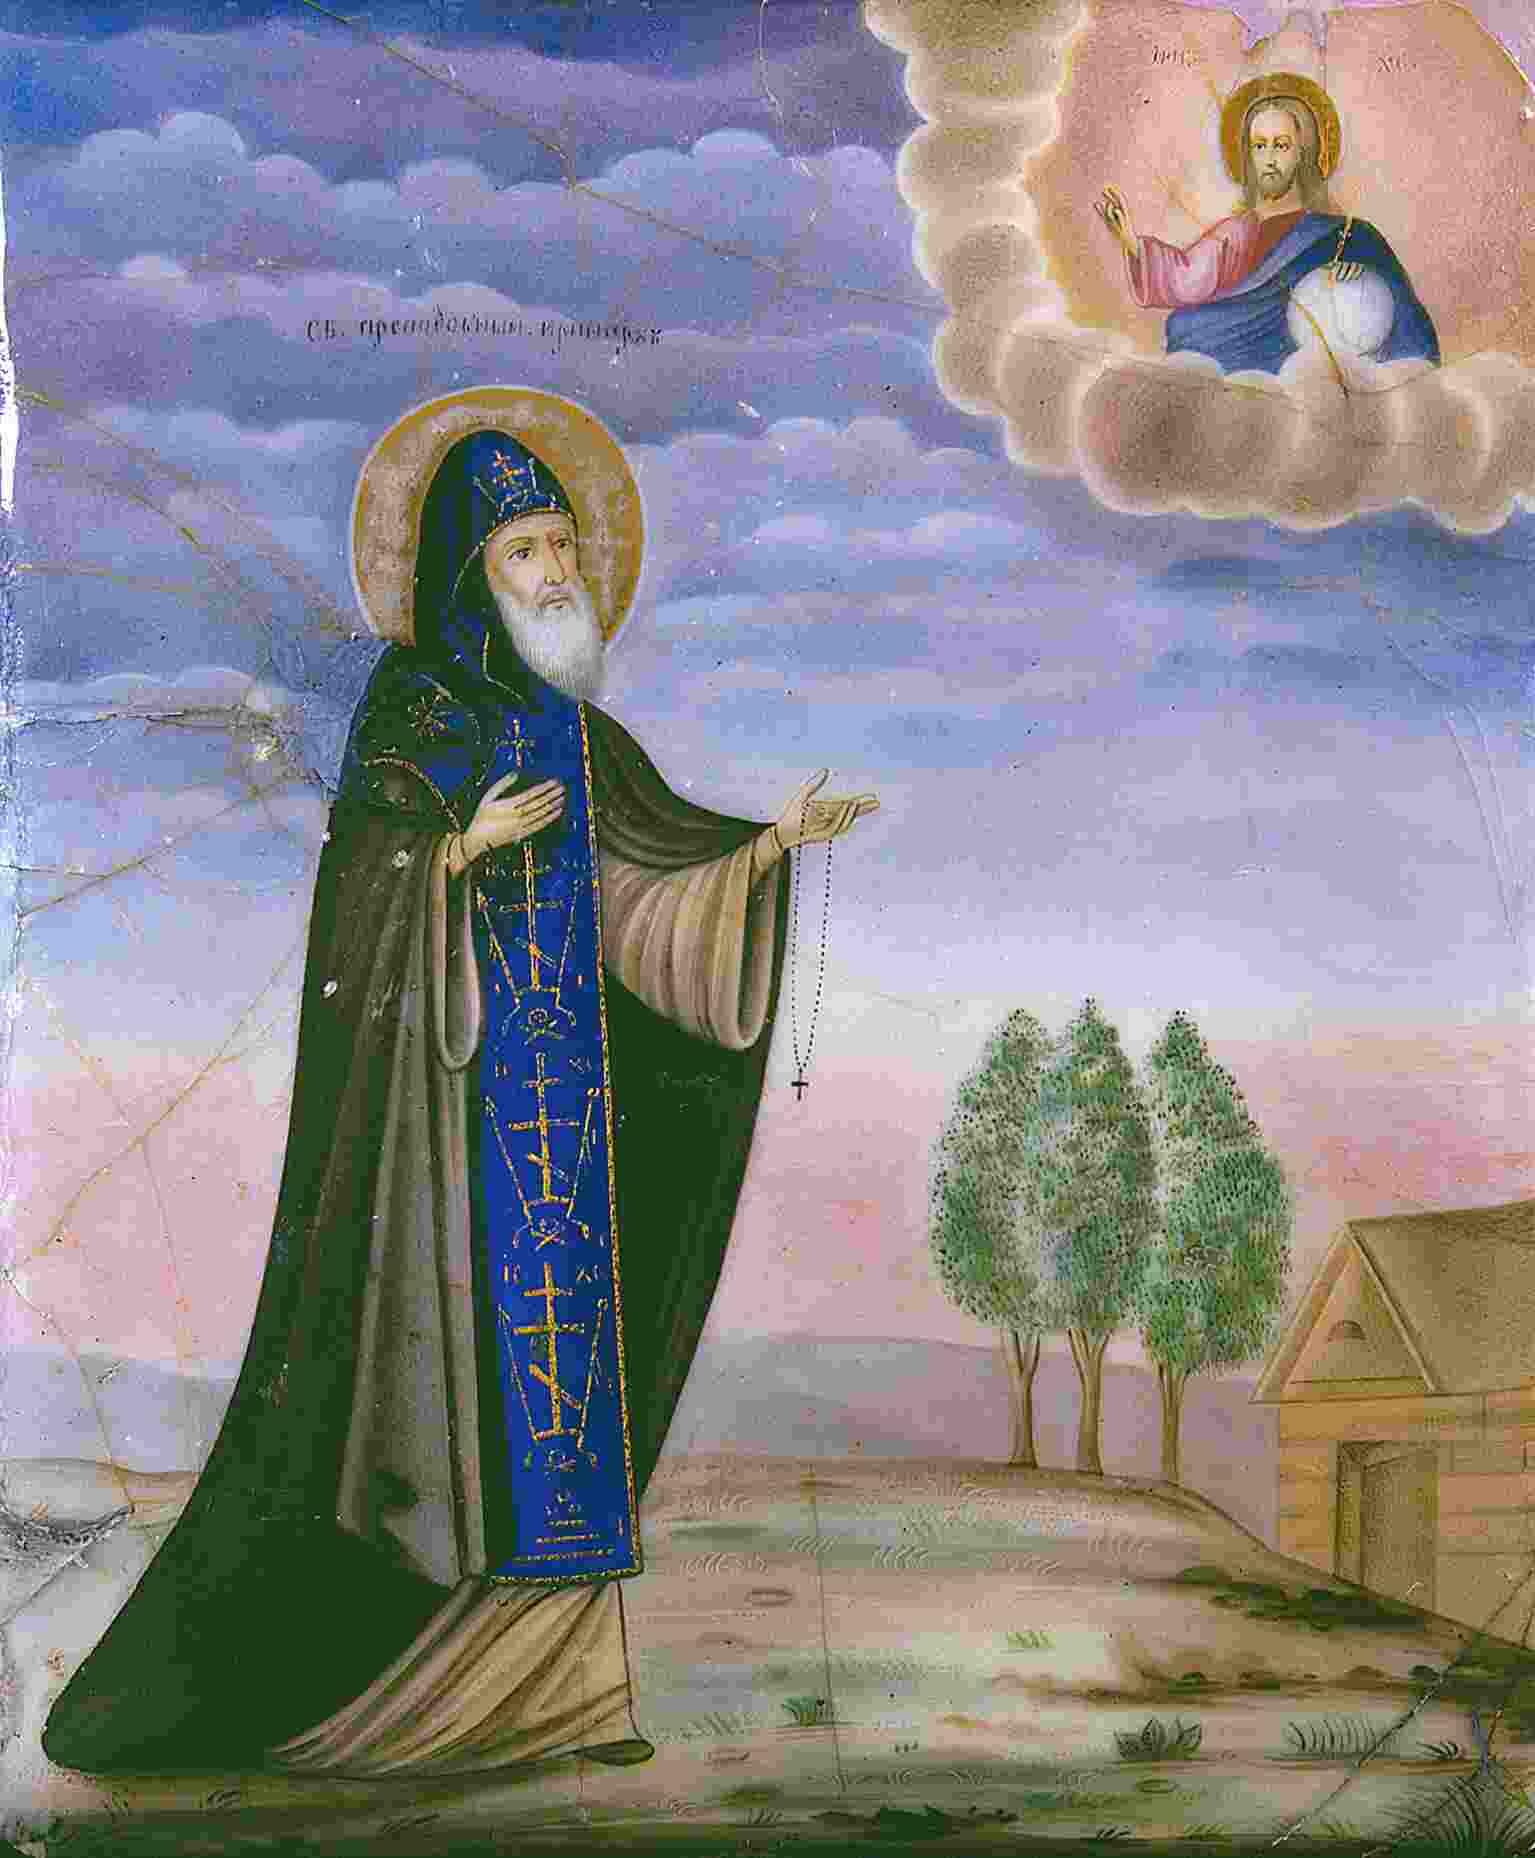 Преподобный Иринарх икона